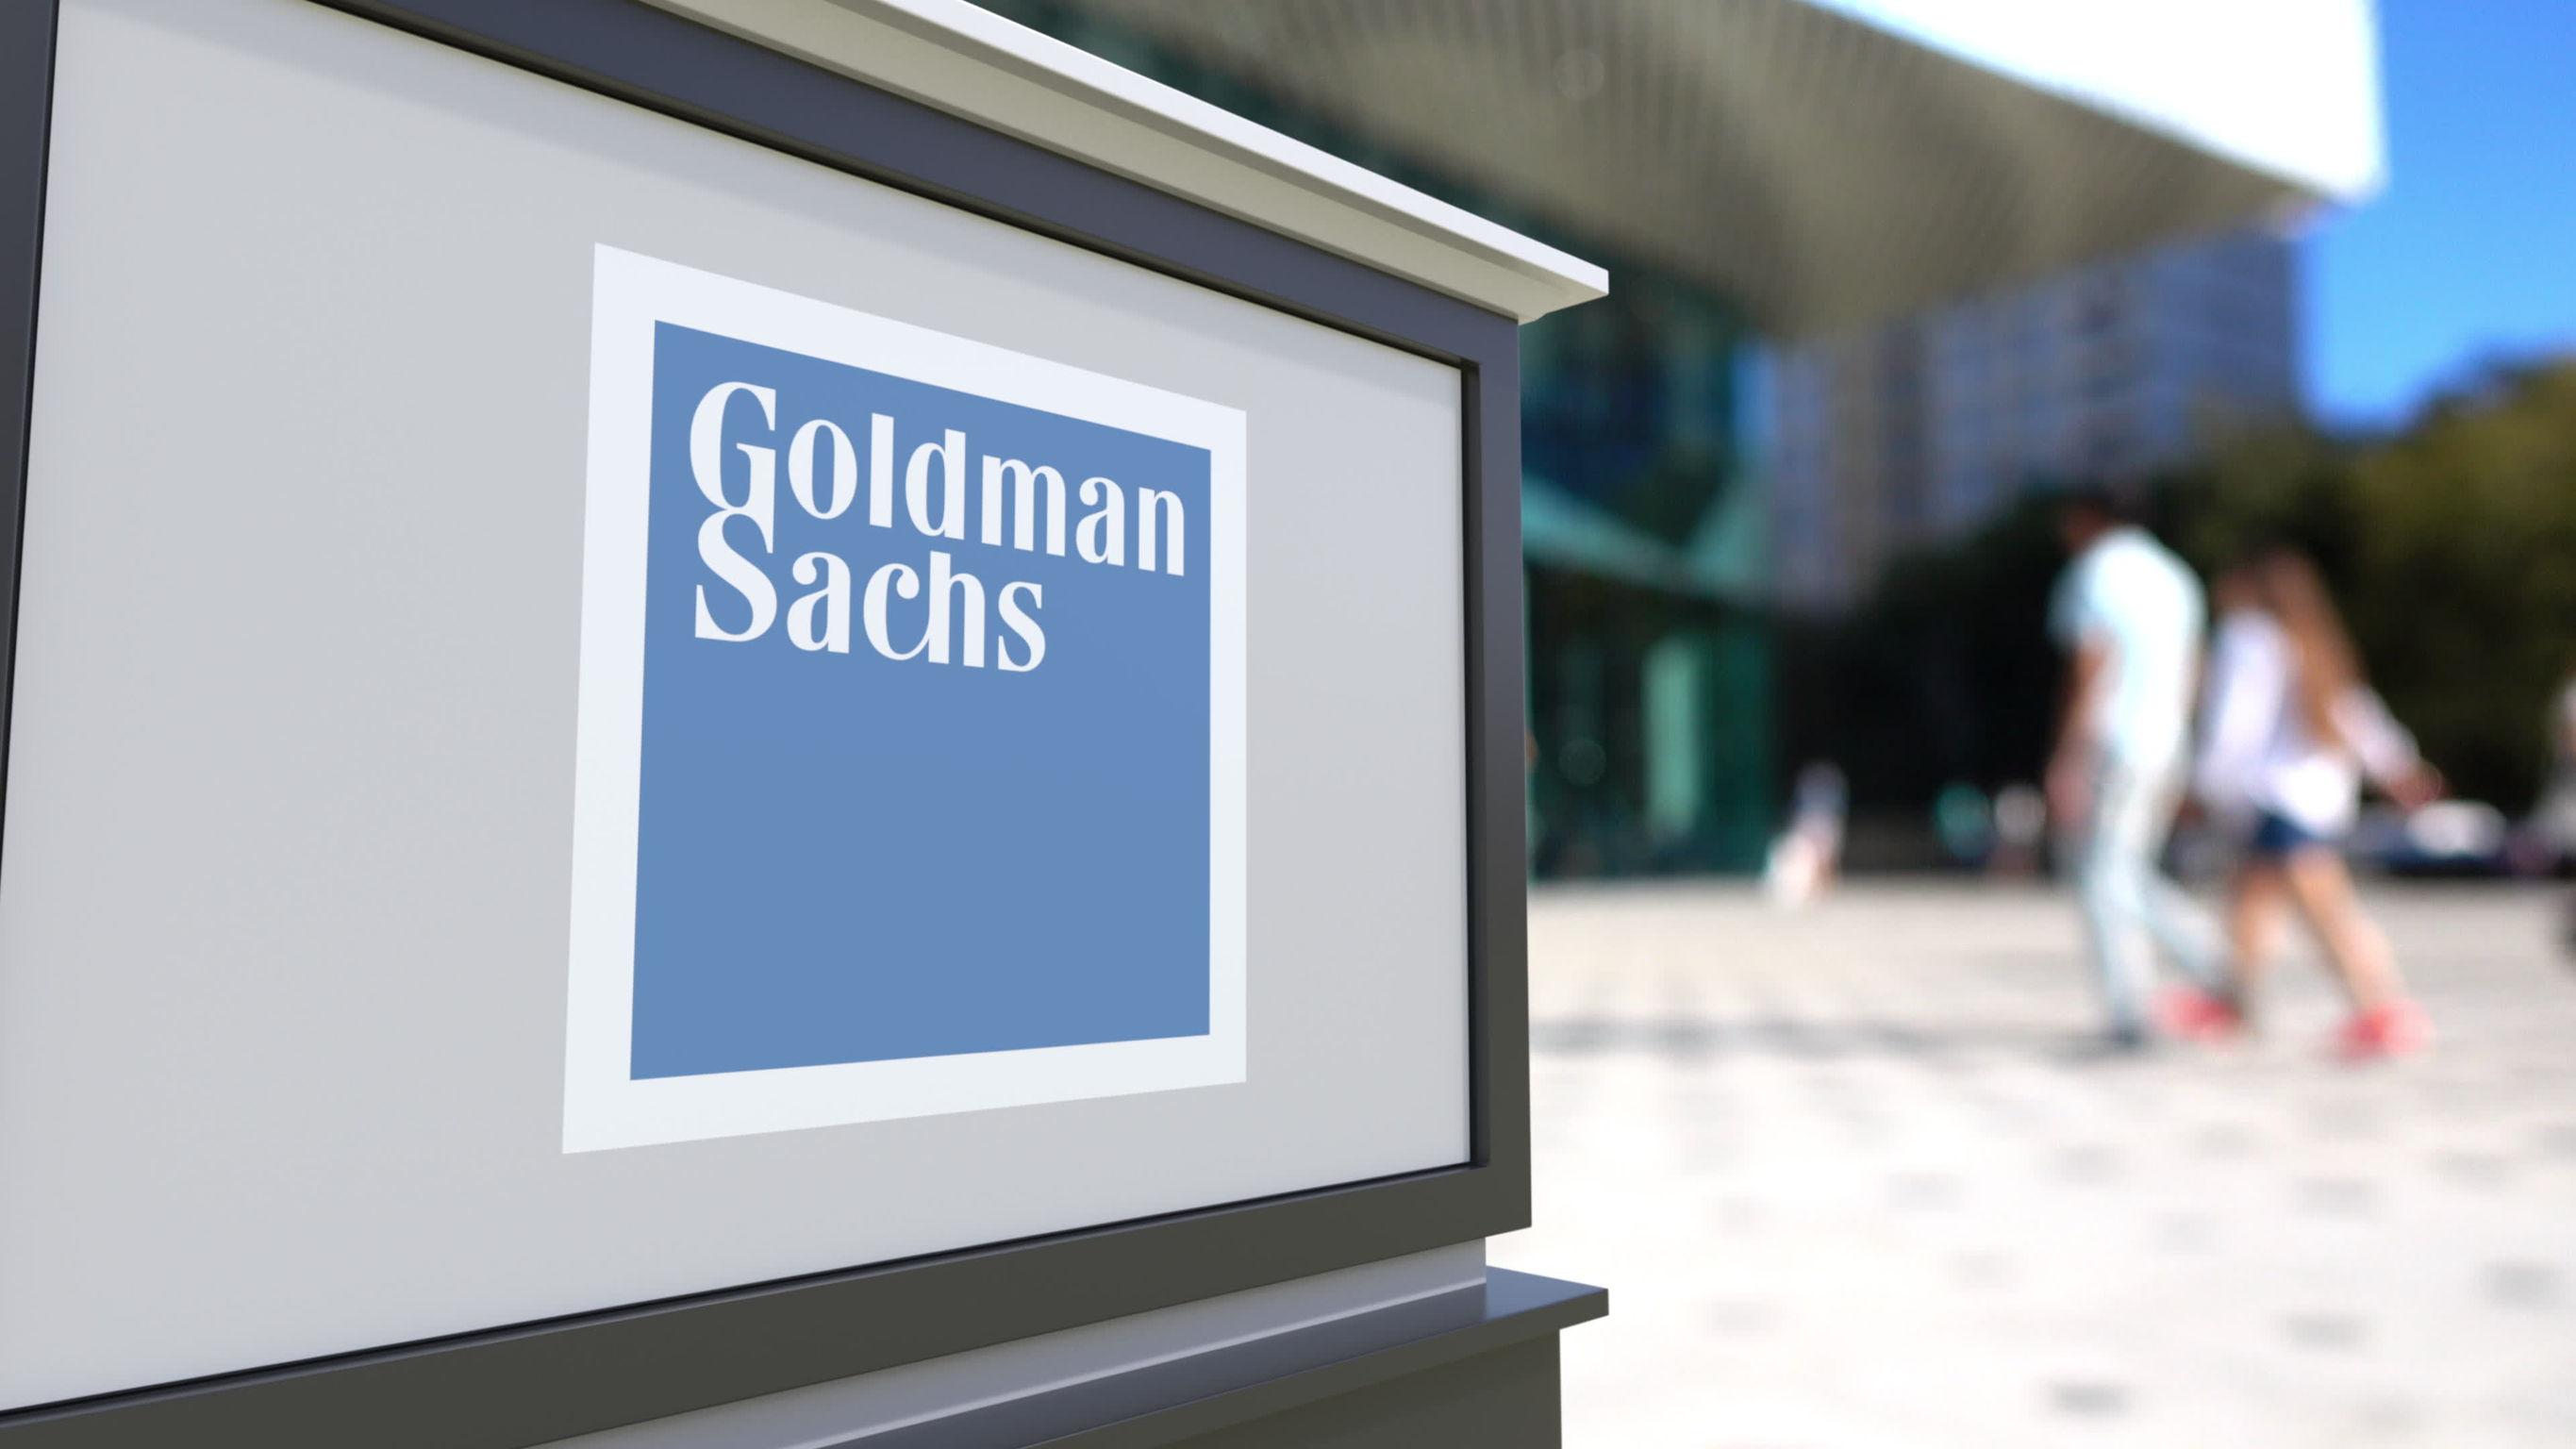 Προσοχή στις μετοχές της Fiat Chrysler Automobiles και της Daimler, συστήνει η Goldman Sachs